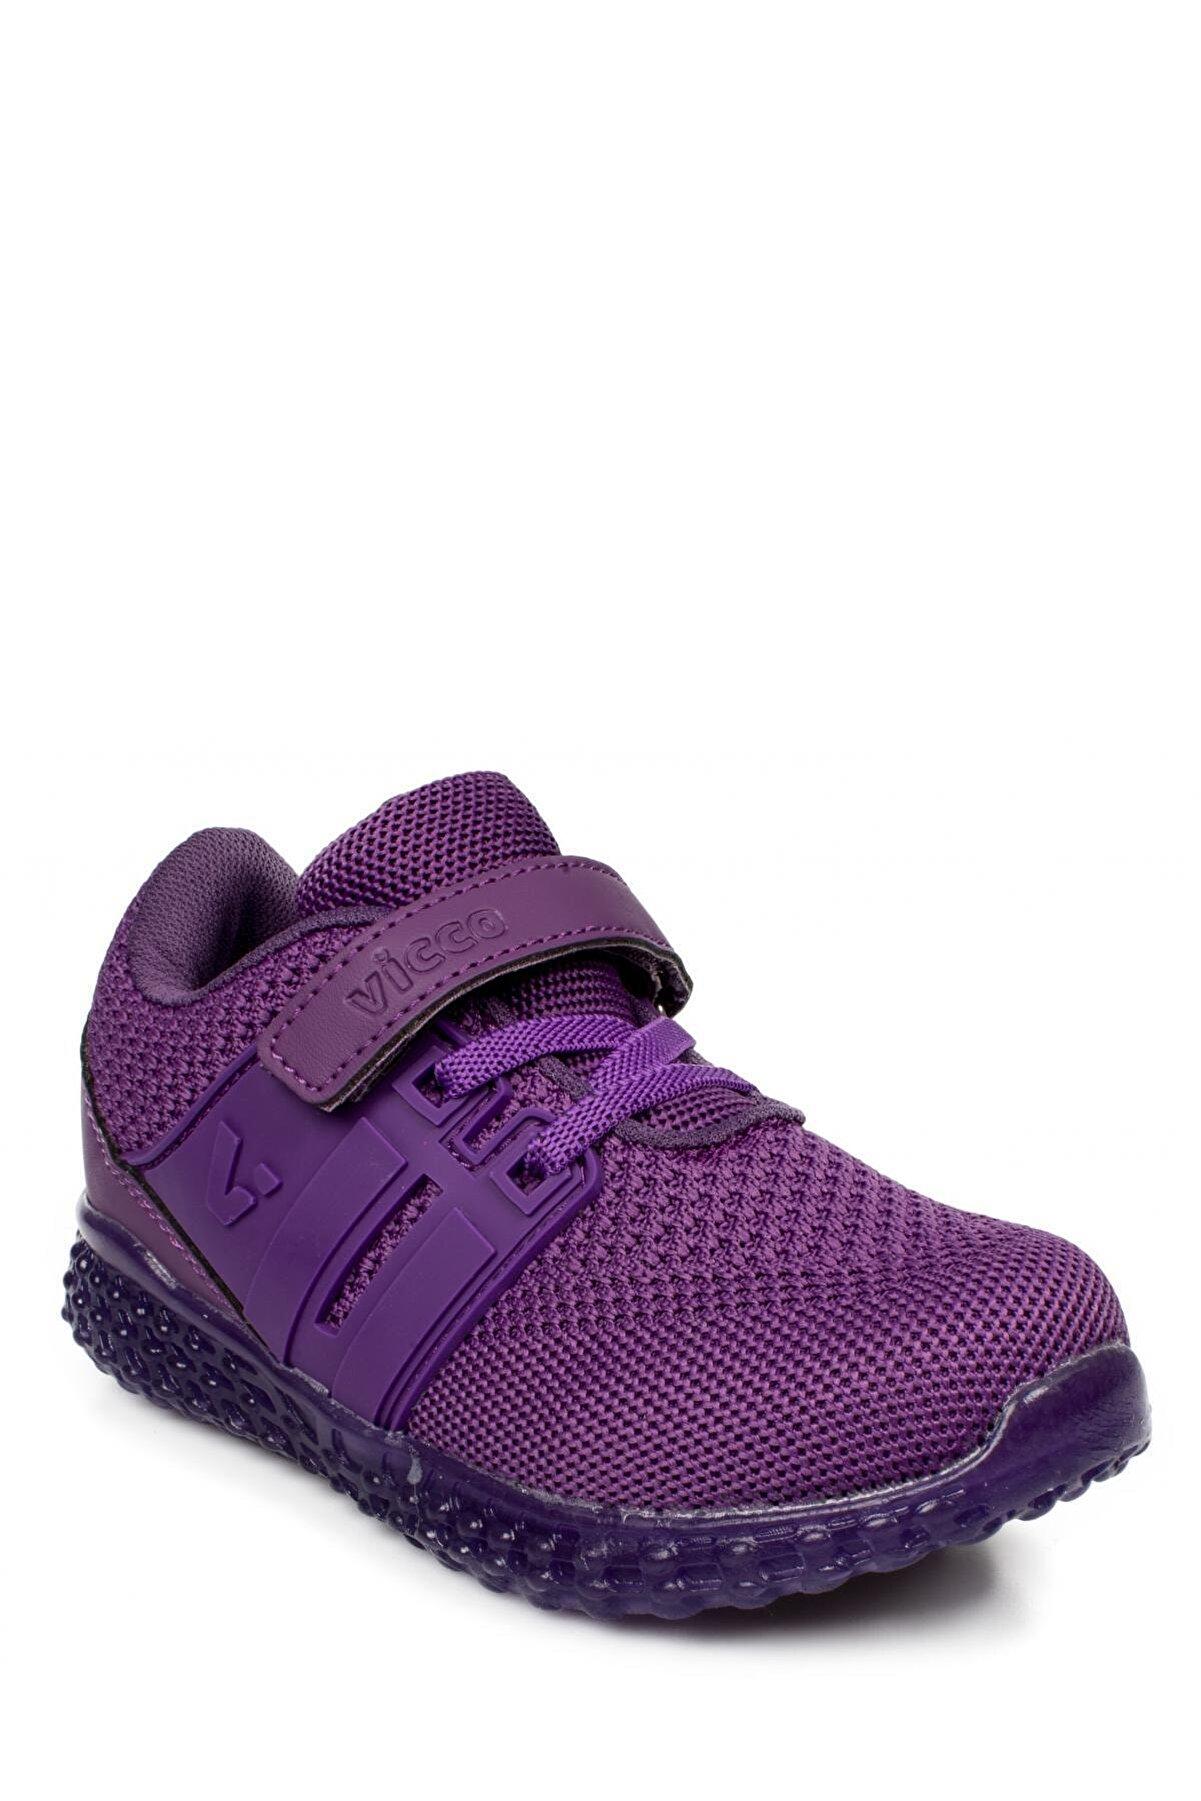 Vicco Çocuk  Işıklı Spor Ayakkabı 313.b20y102